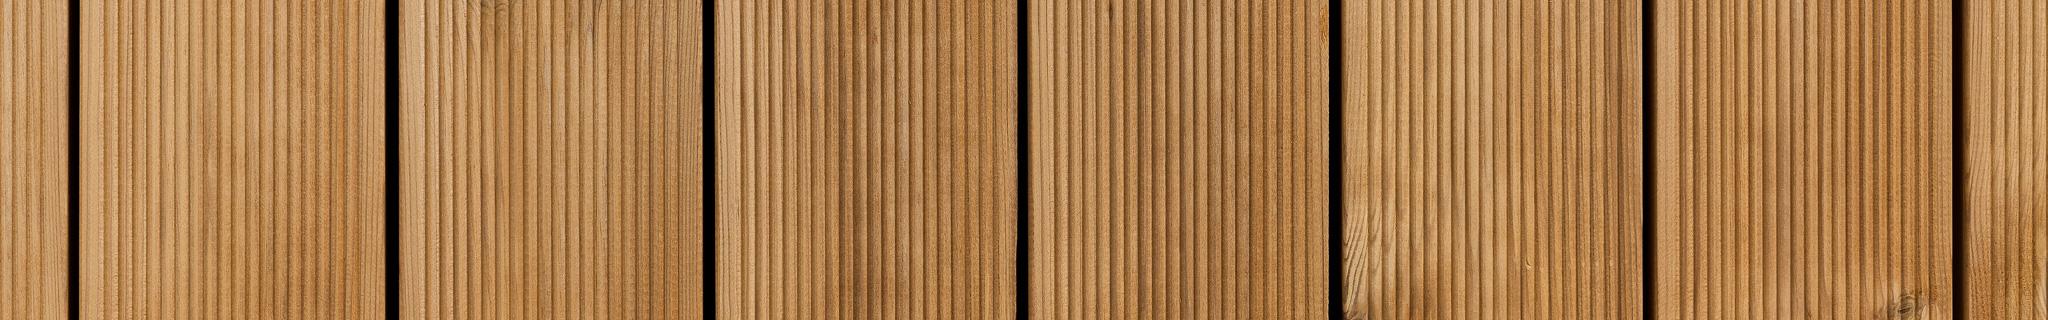 Lämpökäsitelty mänty terassilauta on kaunis vaihtoehto terassillesi. Lämpökäsittelyn ansiosta puussa on hyvä lahonkesto eikä se muuta näkyvästi muotoaan.